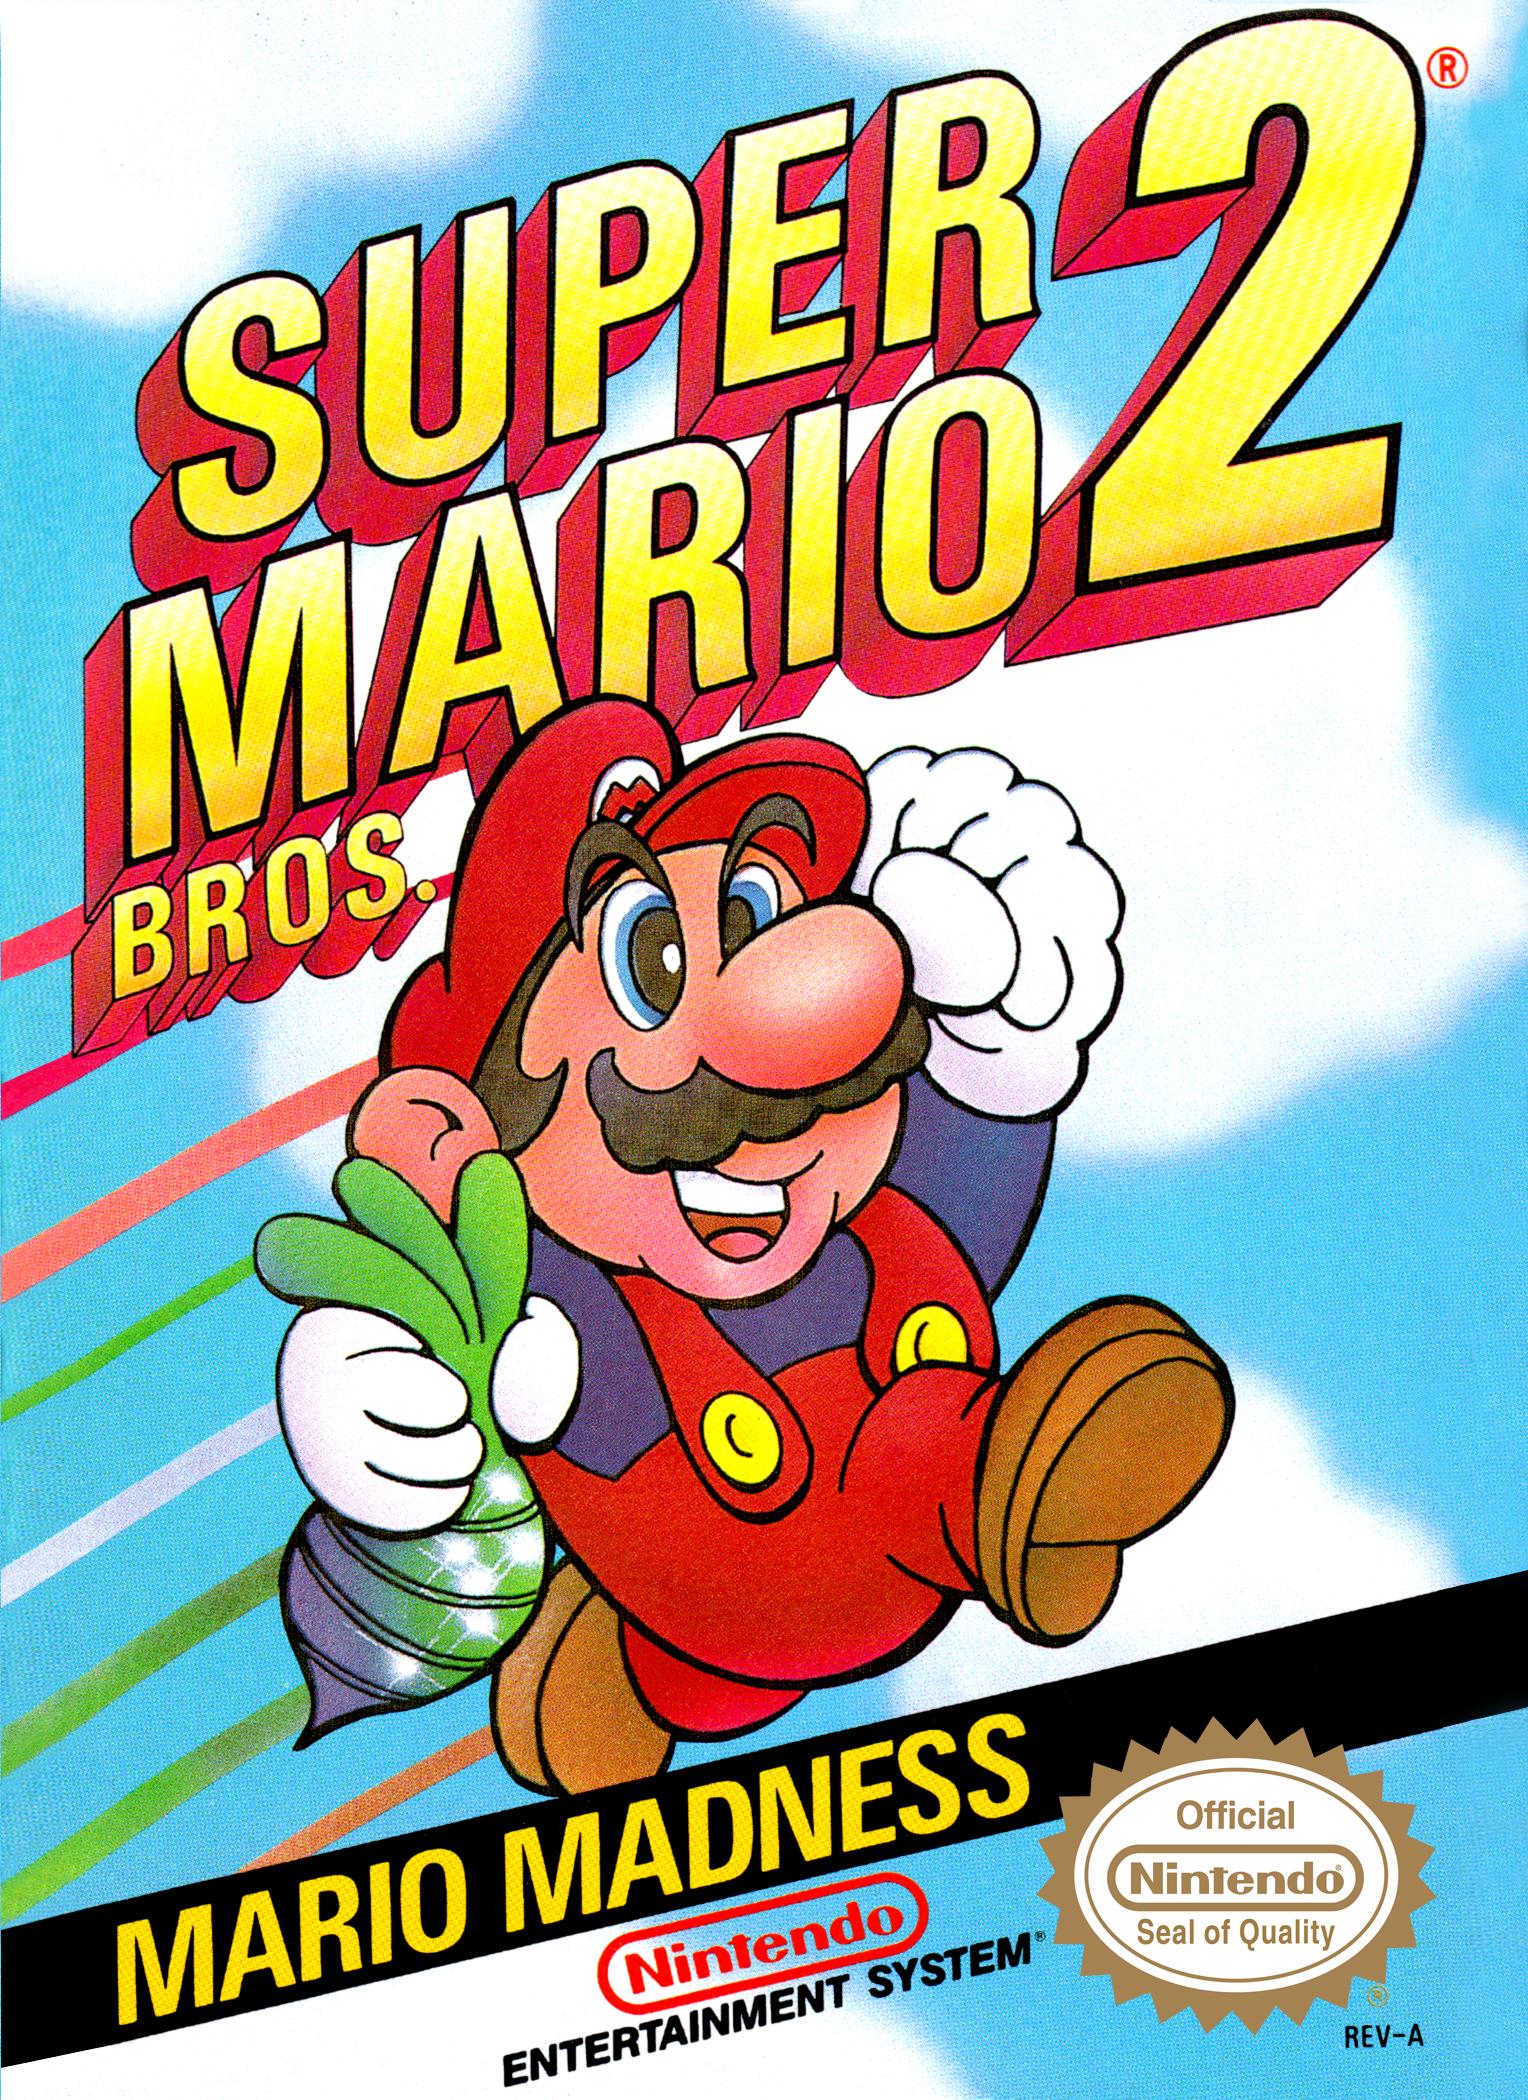 Super Mario Bros. 2/NES